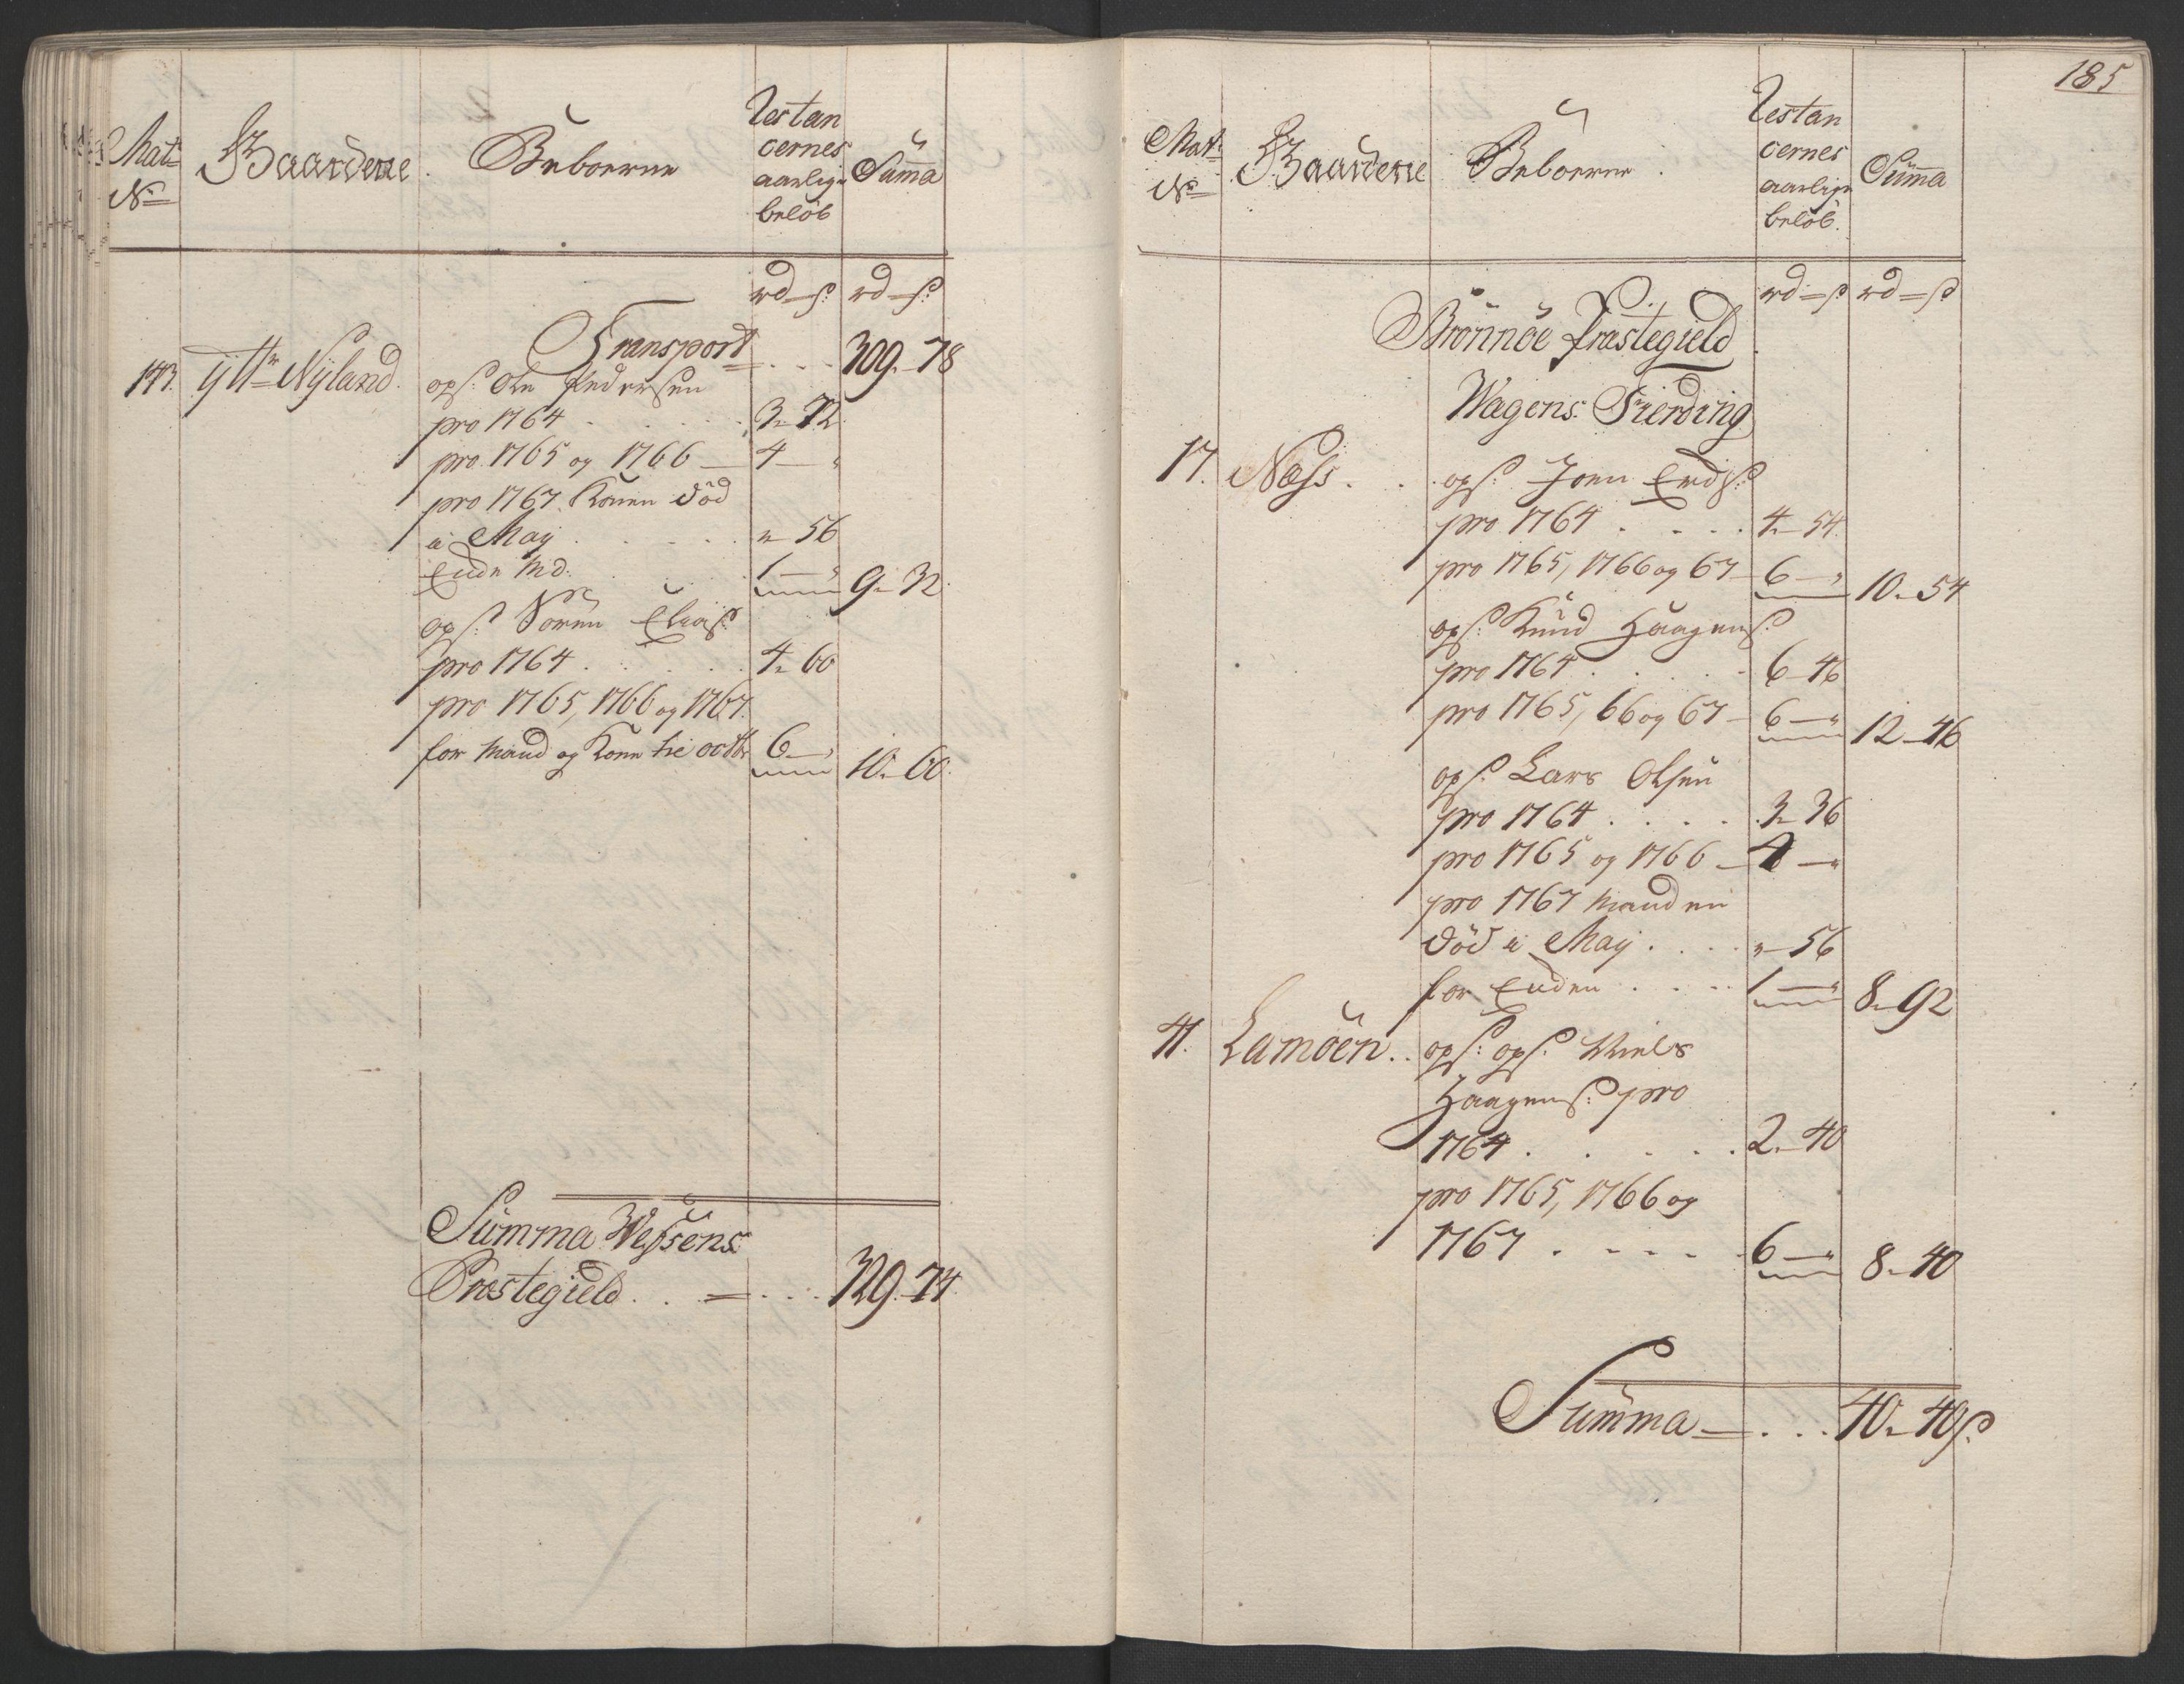 RA, Rentekammeret inntil 1814, Realistisk ordnet avdeling, Ol/L0023: [Gg 10]: Ekstraskatten, 23.09.1762. Helgeland (restanseregister), 1767-1772, s. 182